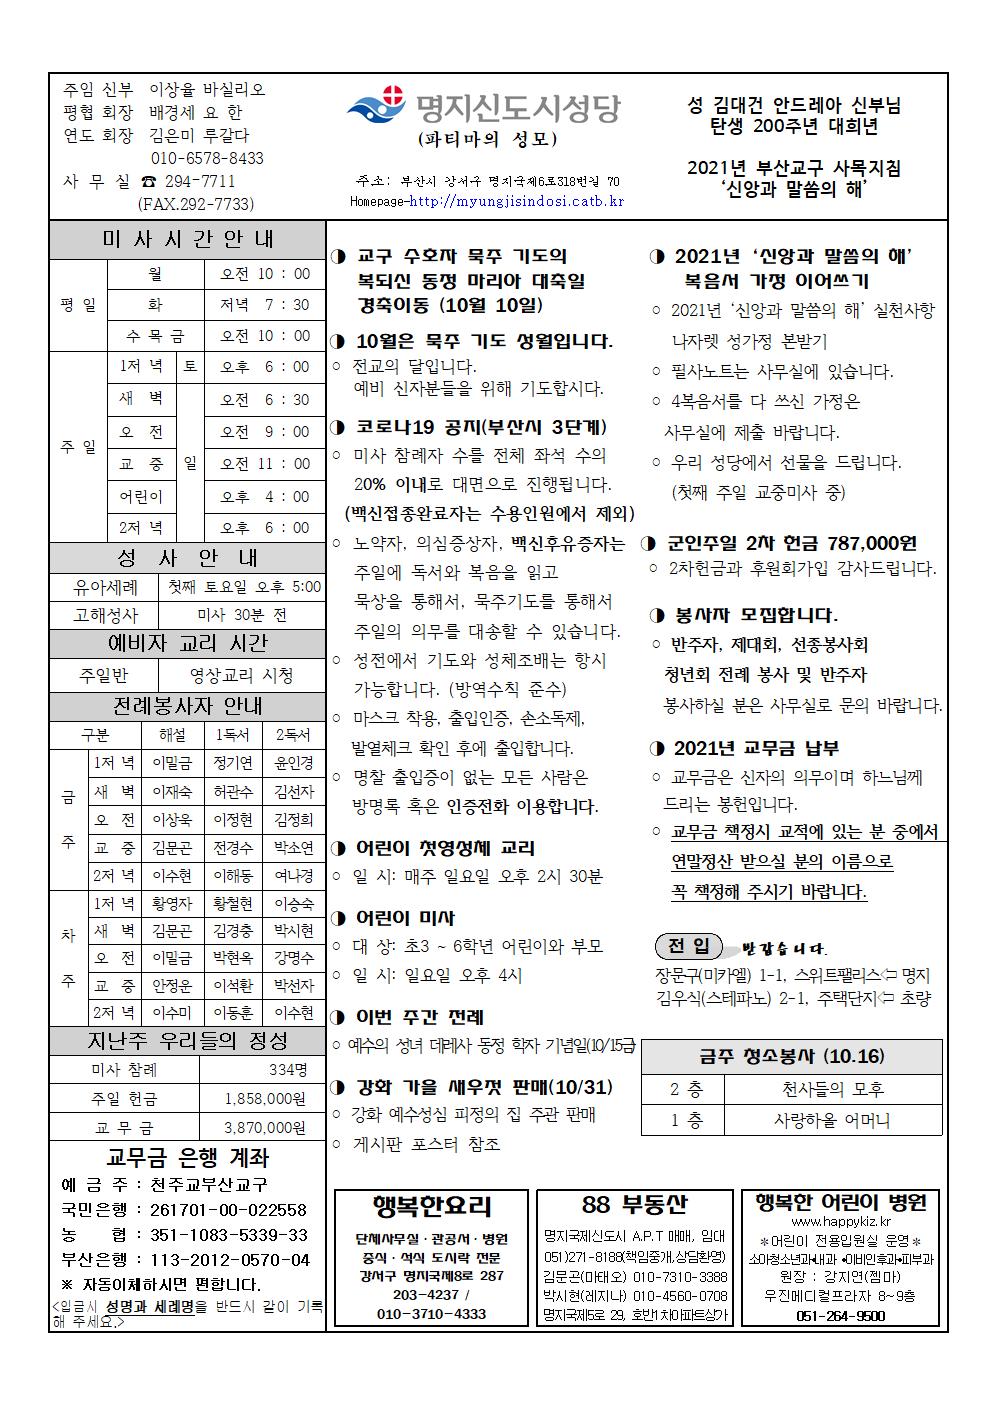 명지신도시20211010001.png